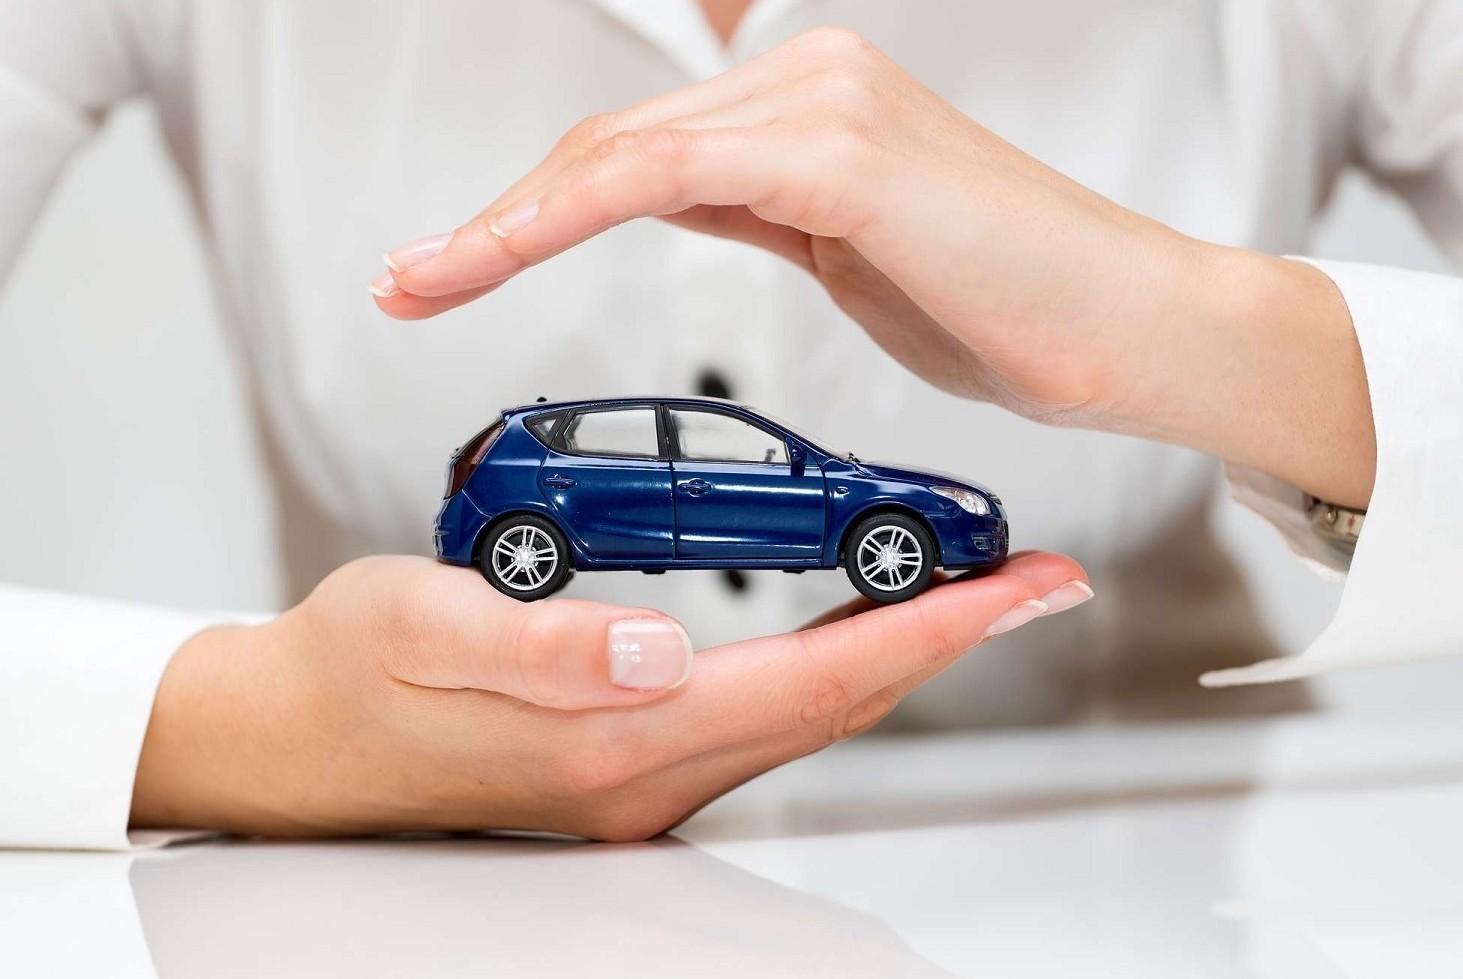 Pignoramento auto per prestito non pagato. Leggi in vigore e quando può avvenire